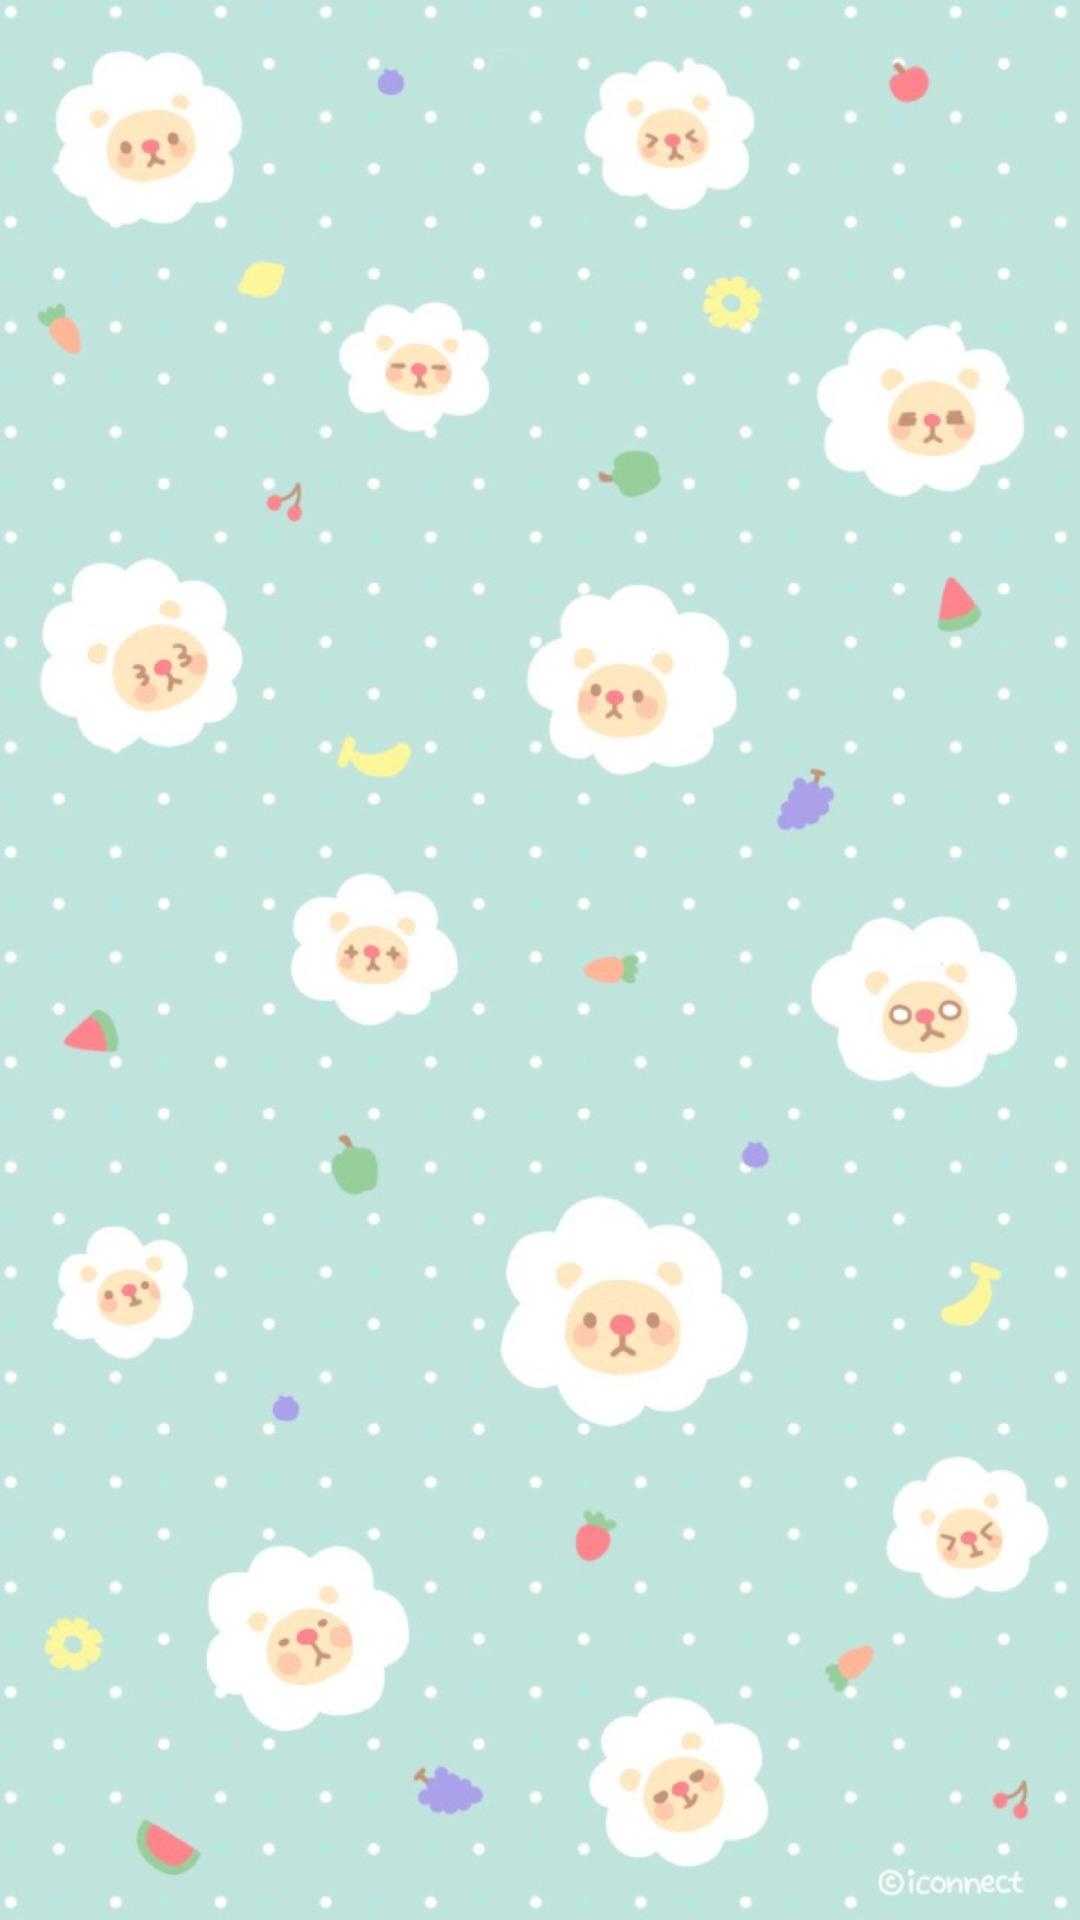 Hình nền Cute Full HD cho điện thoại